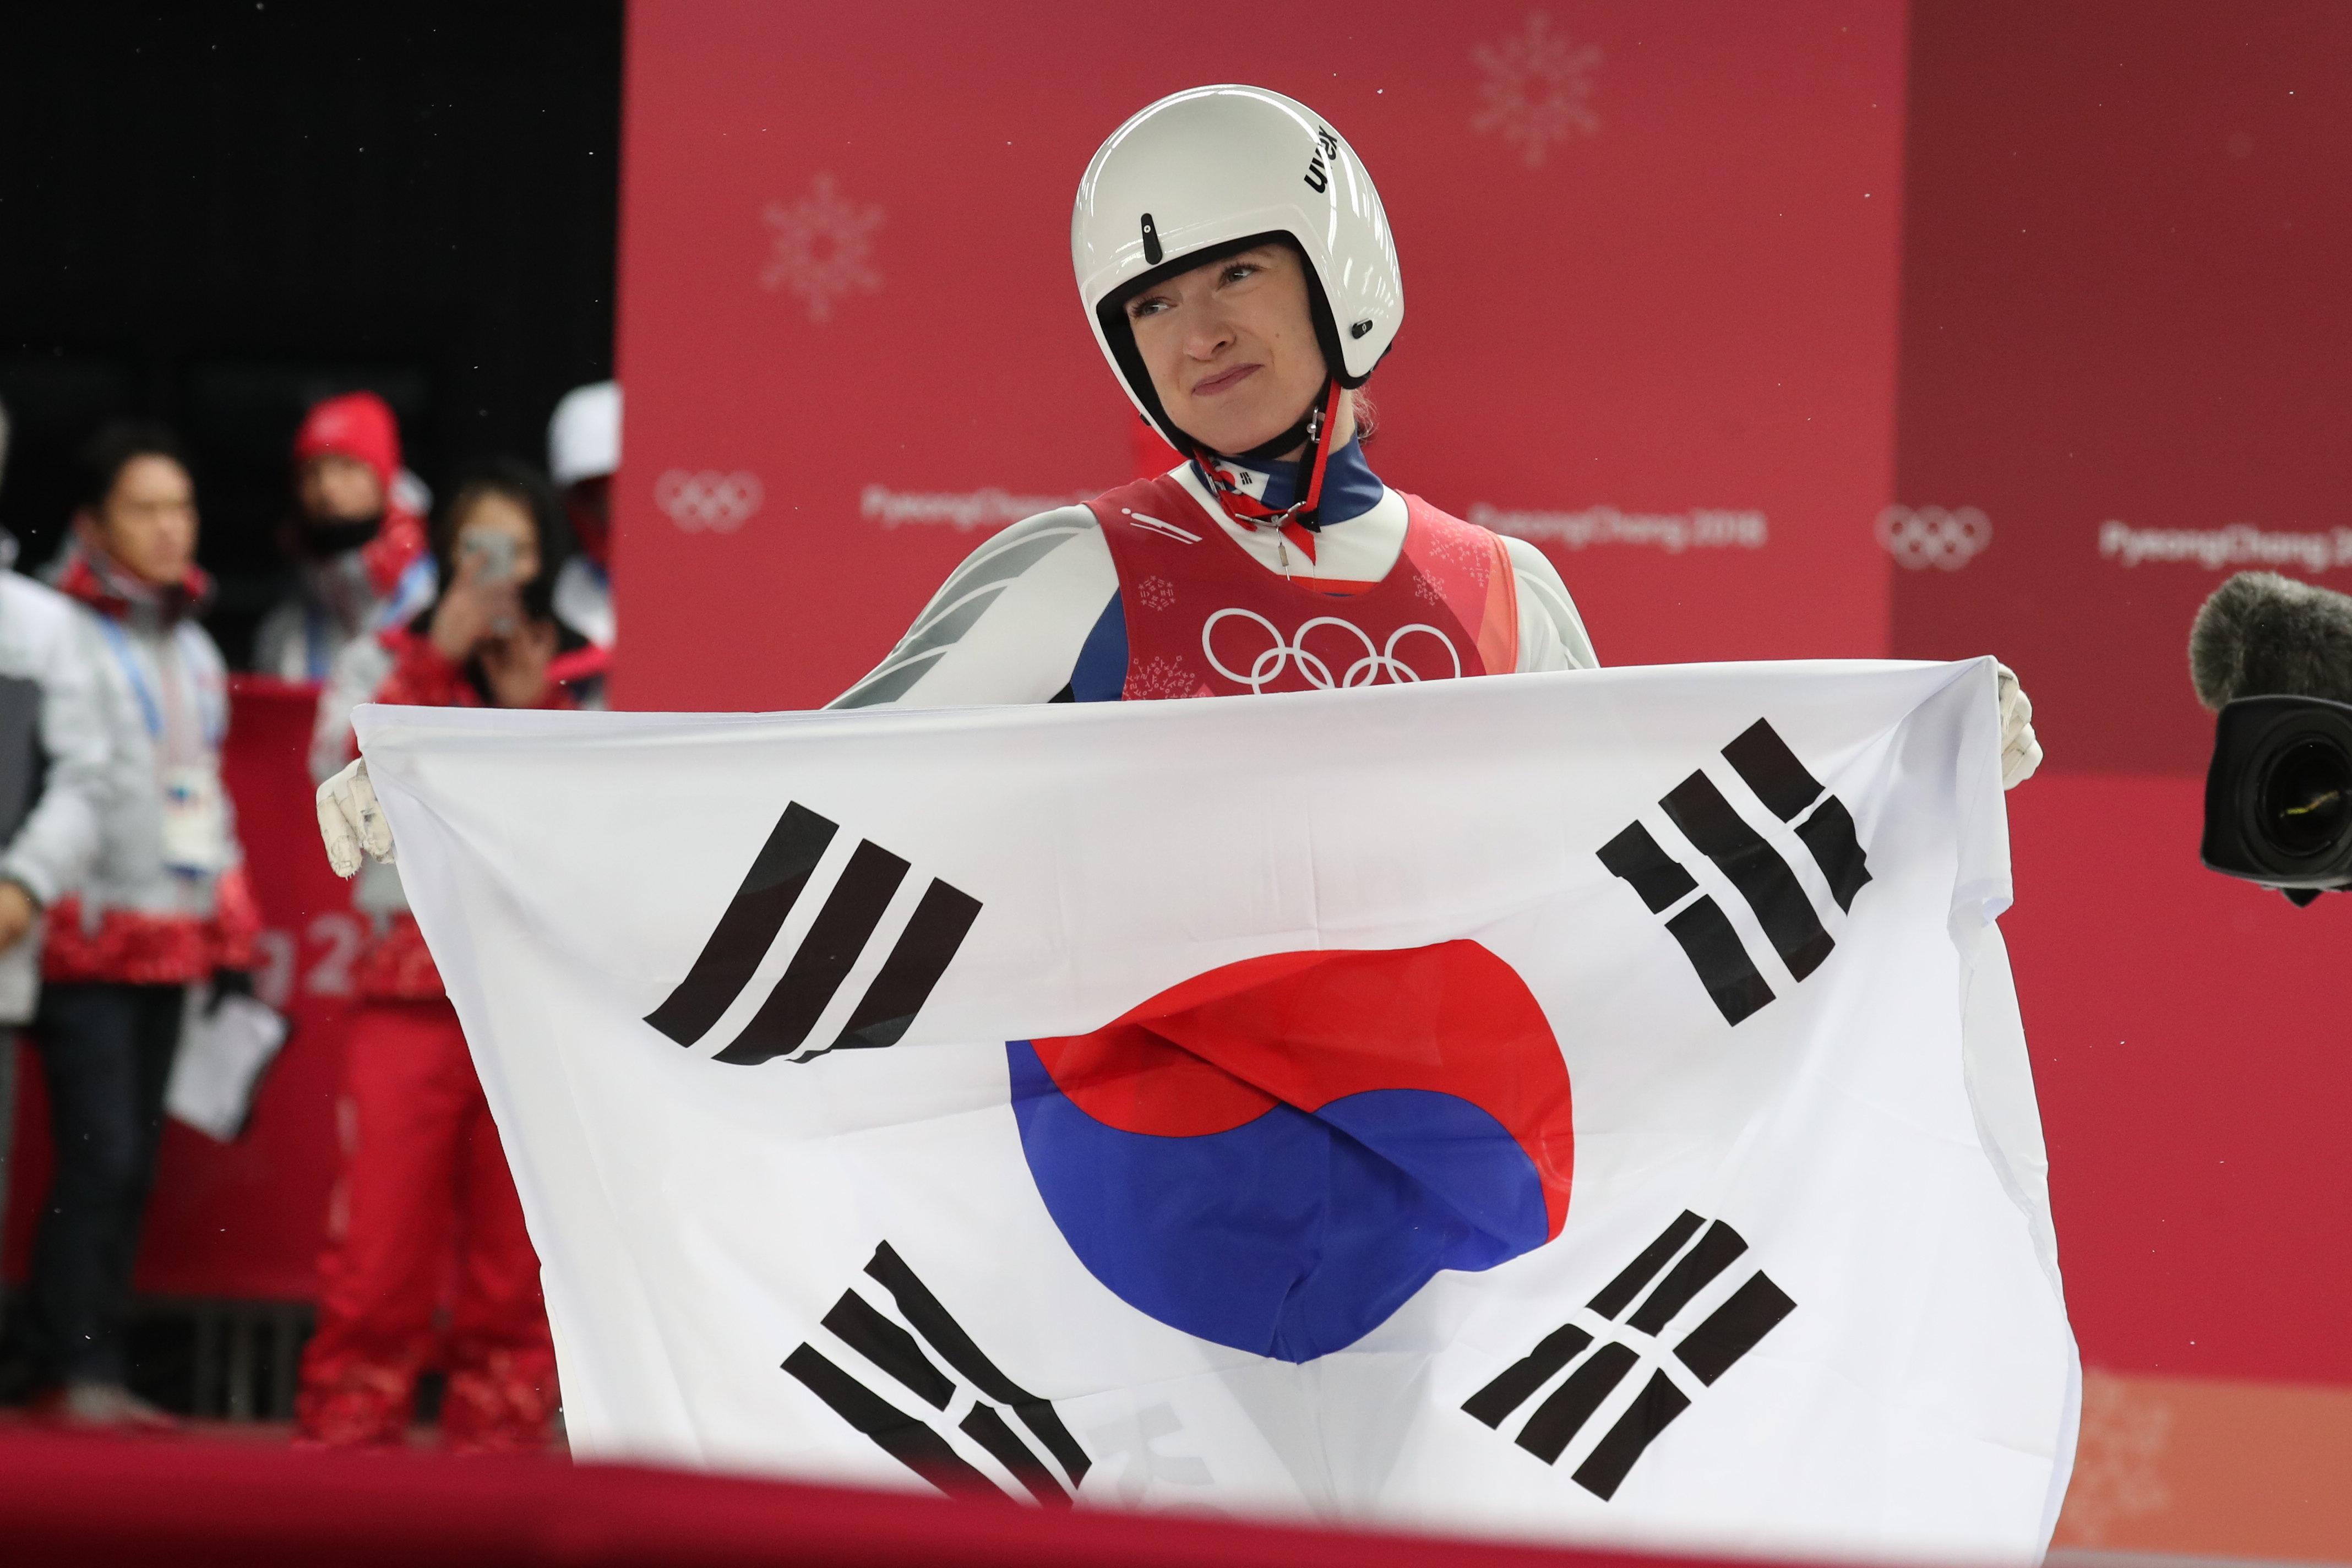 평창동계올림픽 1년, 한국으로 귀화했던 선수들의